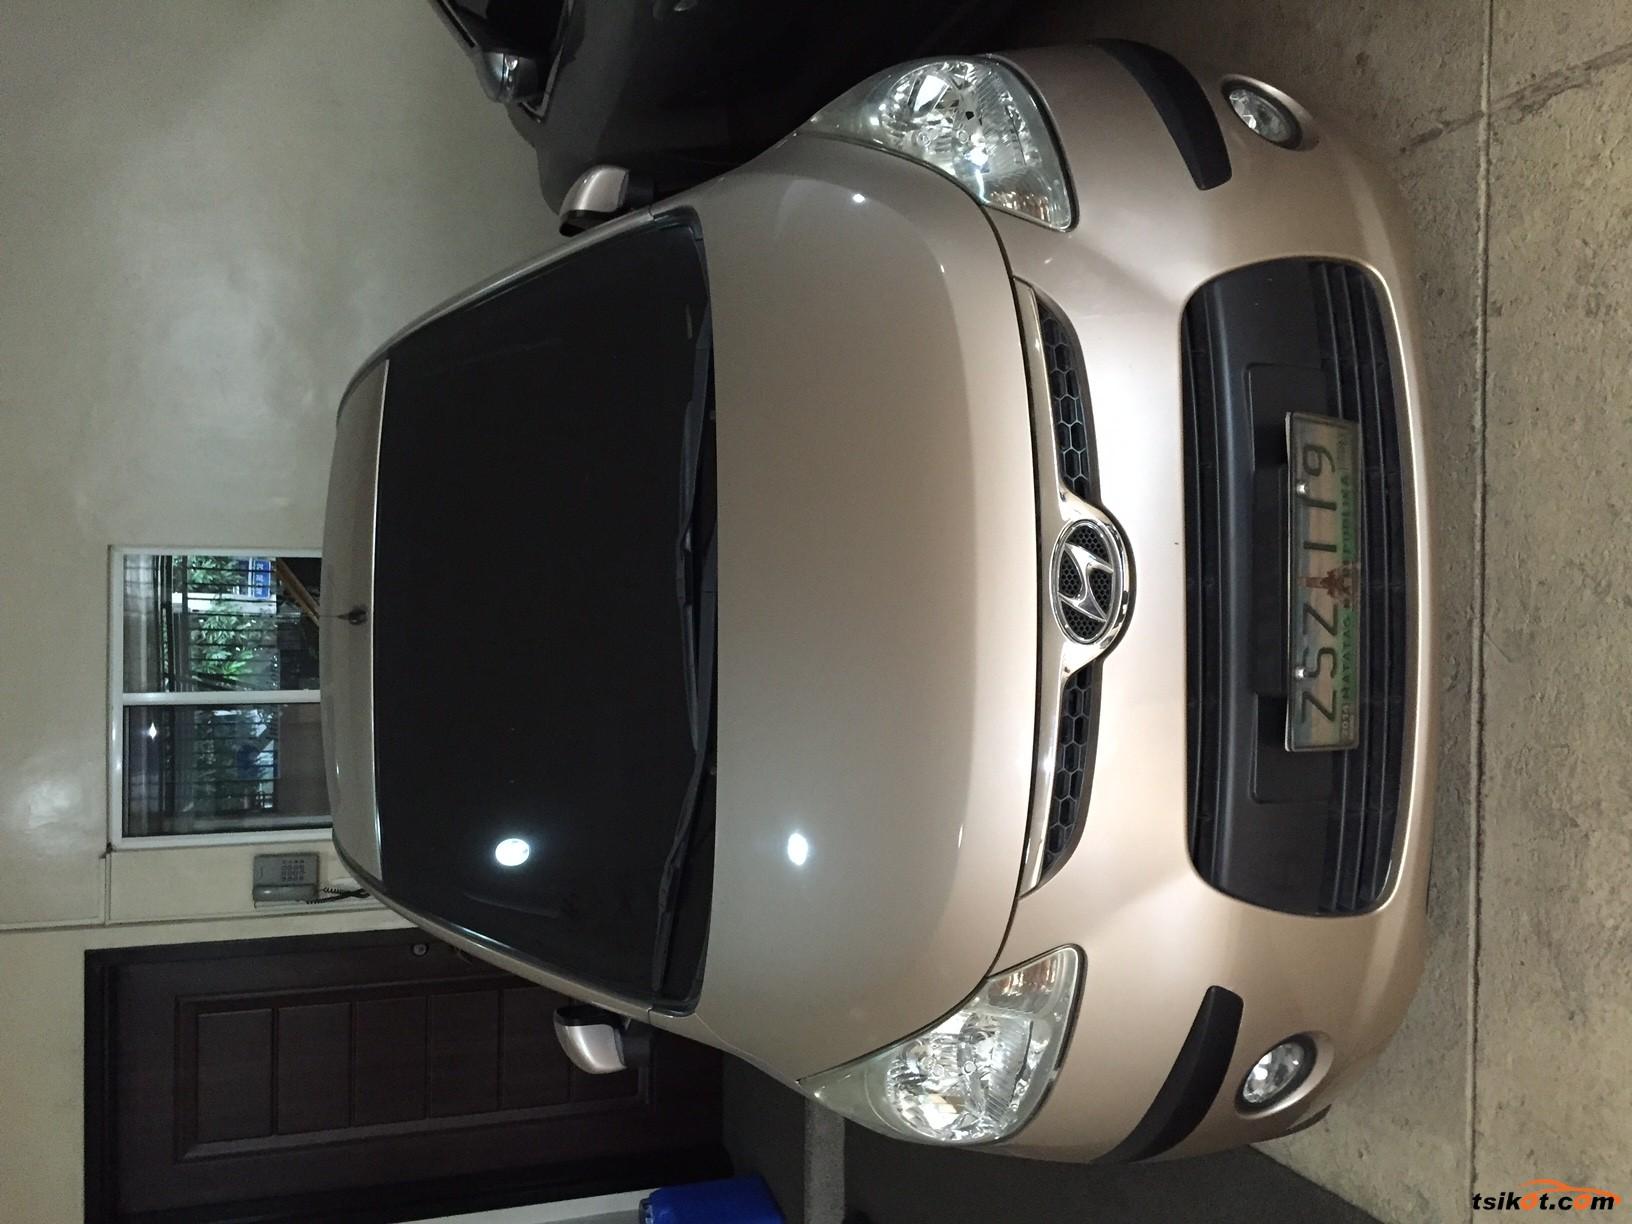 Hyundai I10 2008 - 2